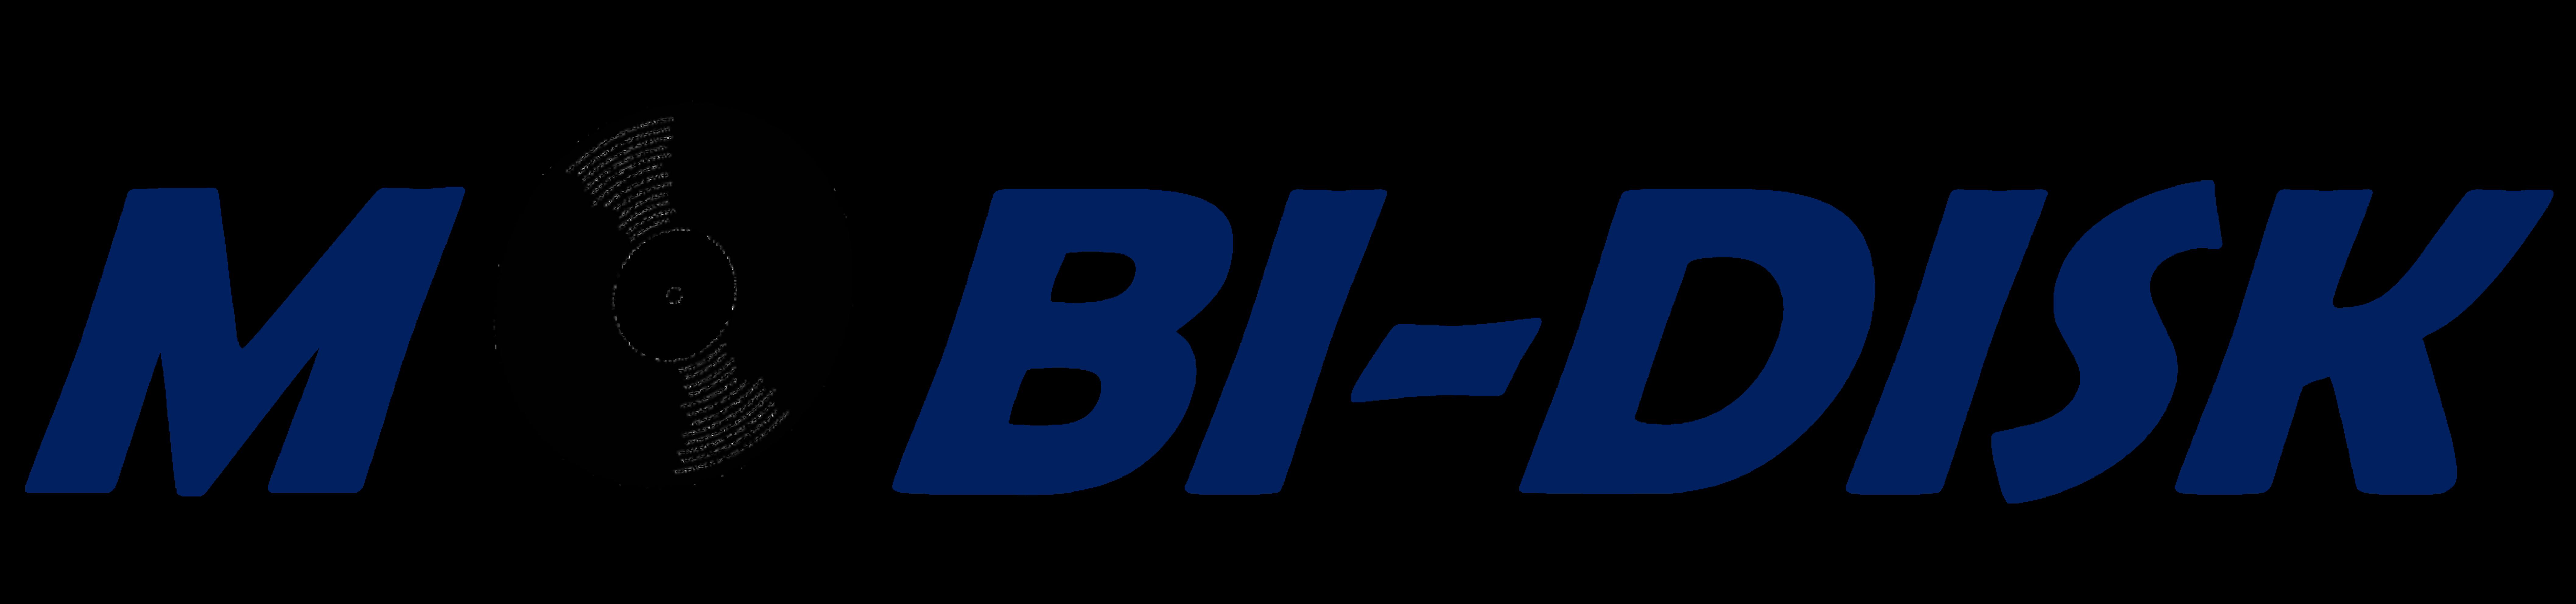 cropped-Mobi-Disk-Logo-1-1.png